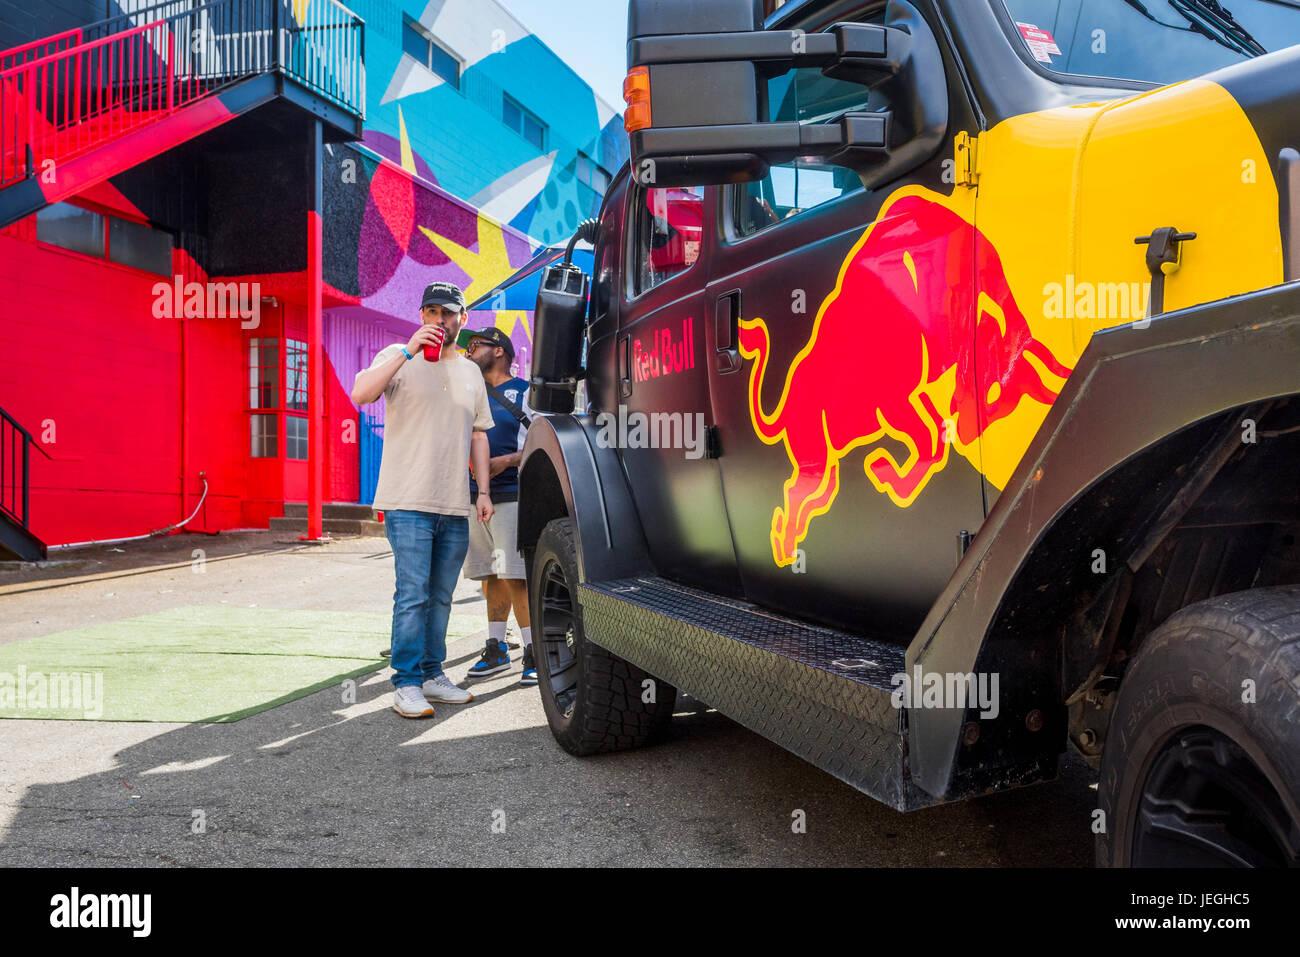 Vancouver, Canadá. 24 Jun, 2017. Red Bull vehículo, Strathcona fiesta en la Calle, Festival de murales Imagen De Stock